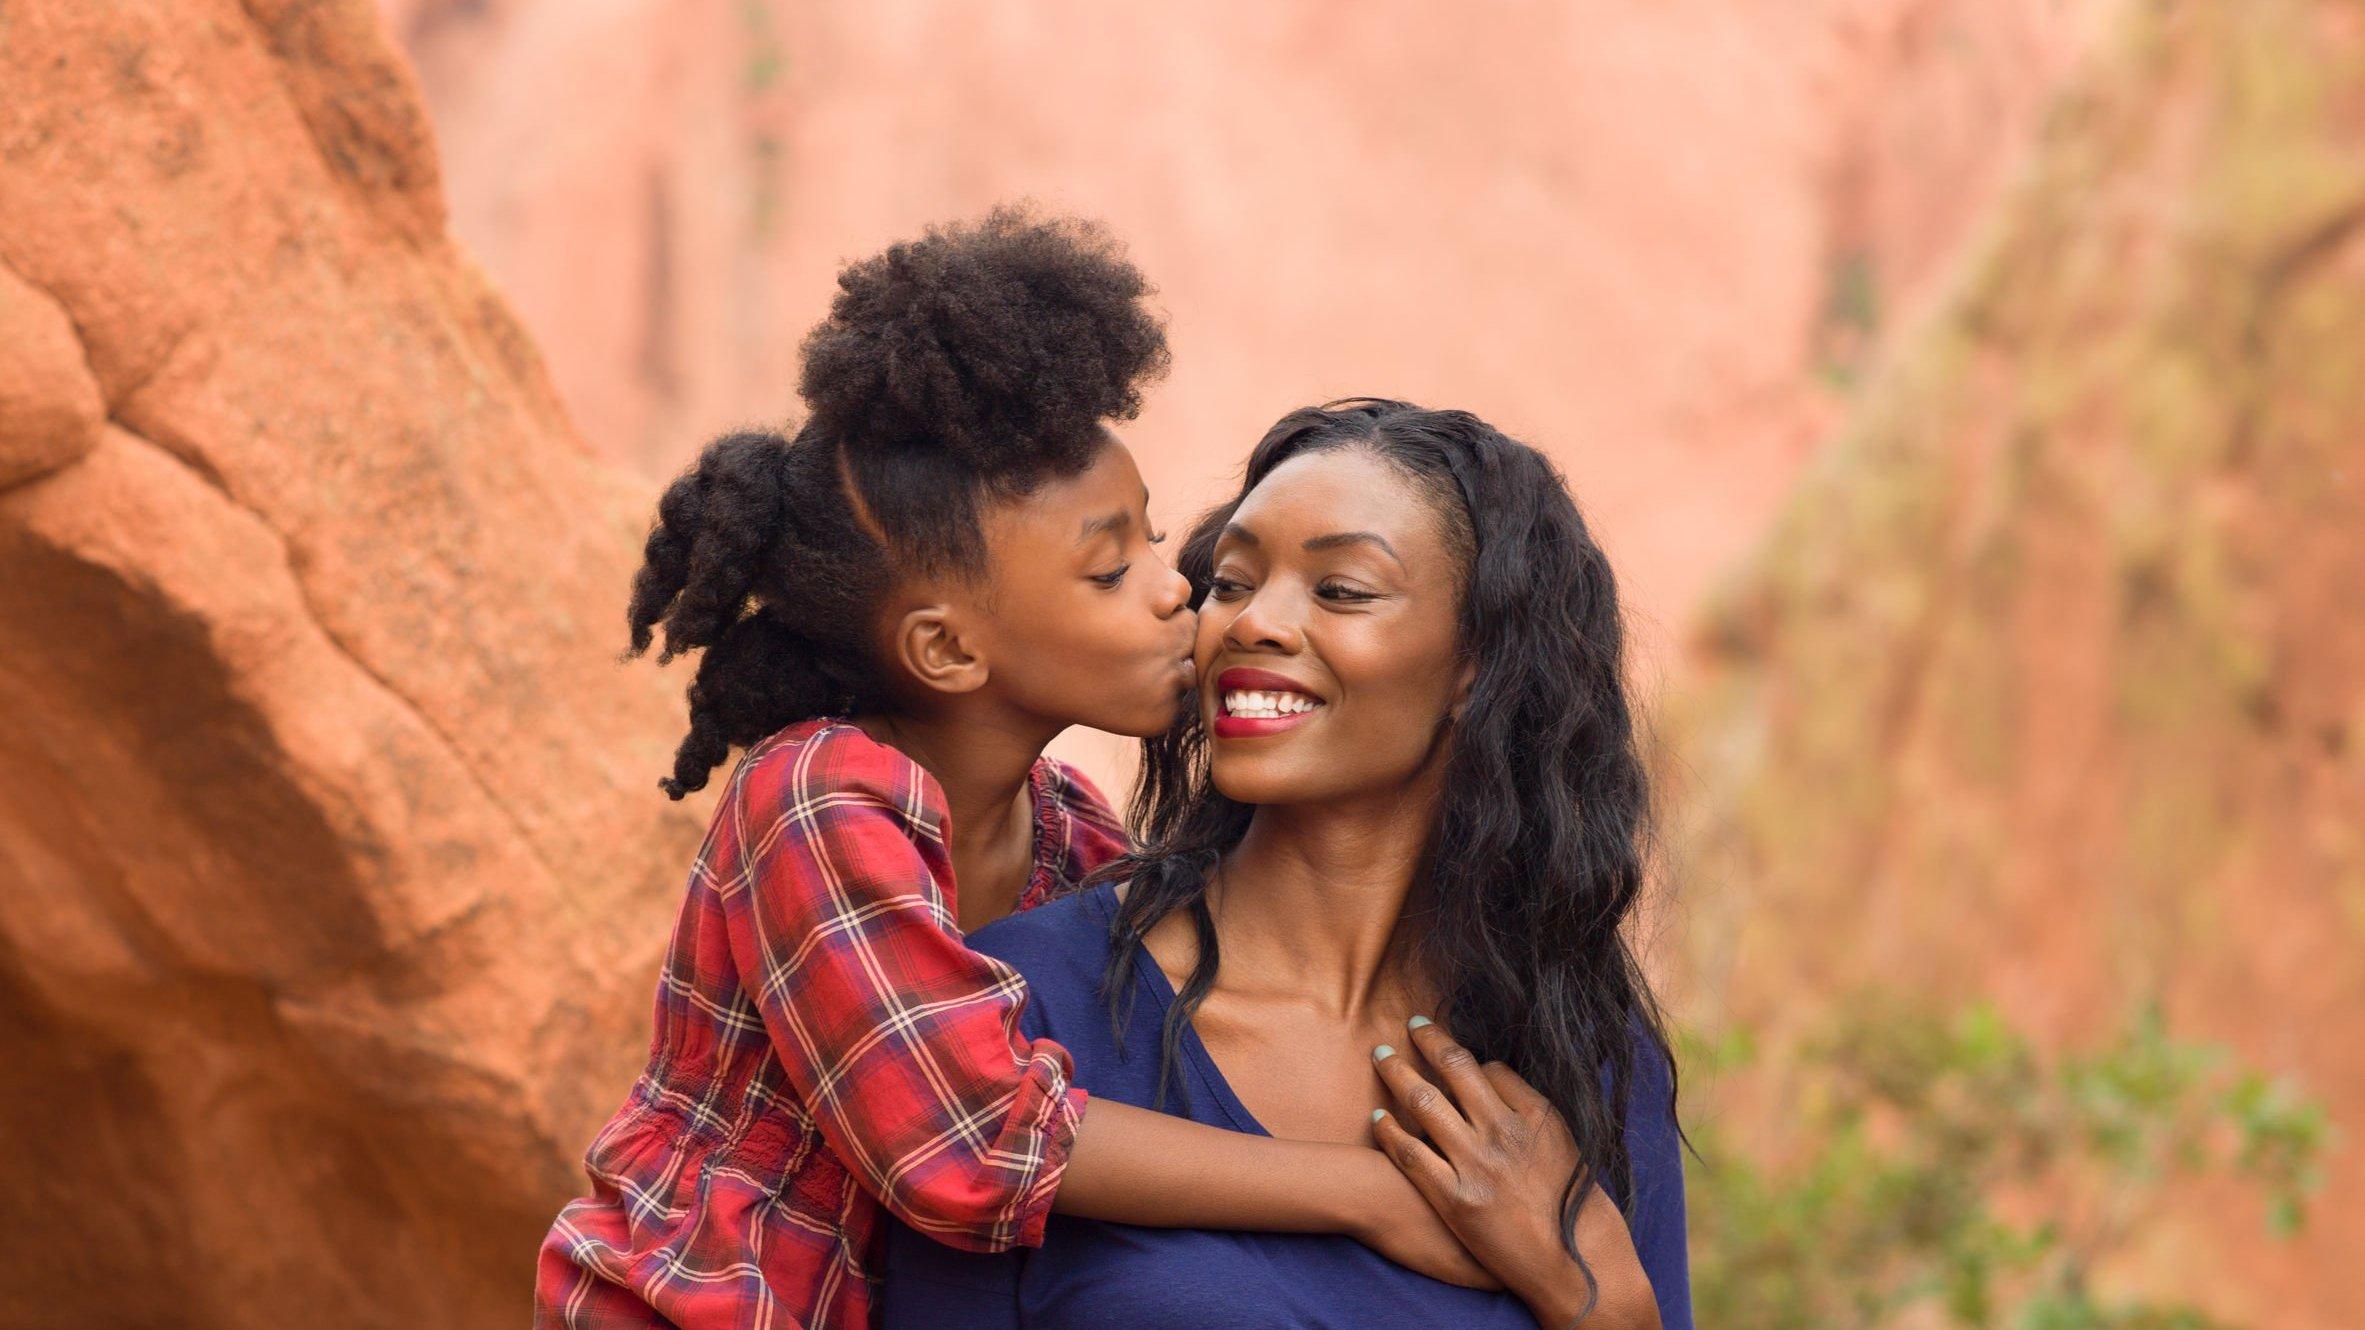 Filha beijando rosto de sua mãe